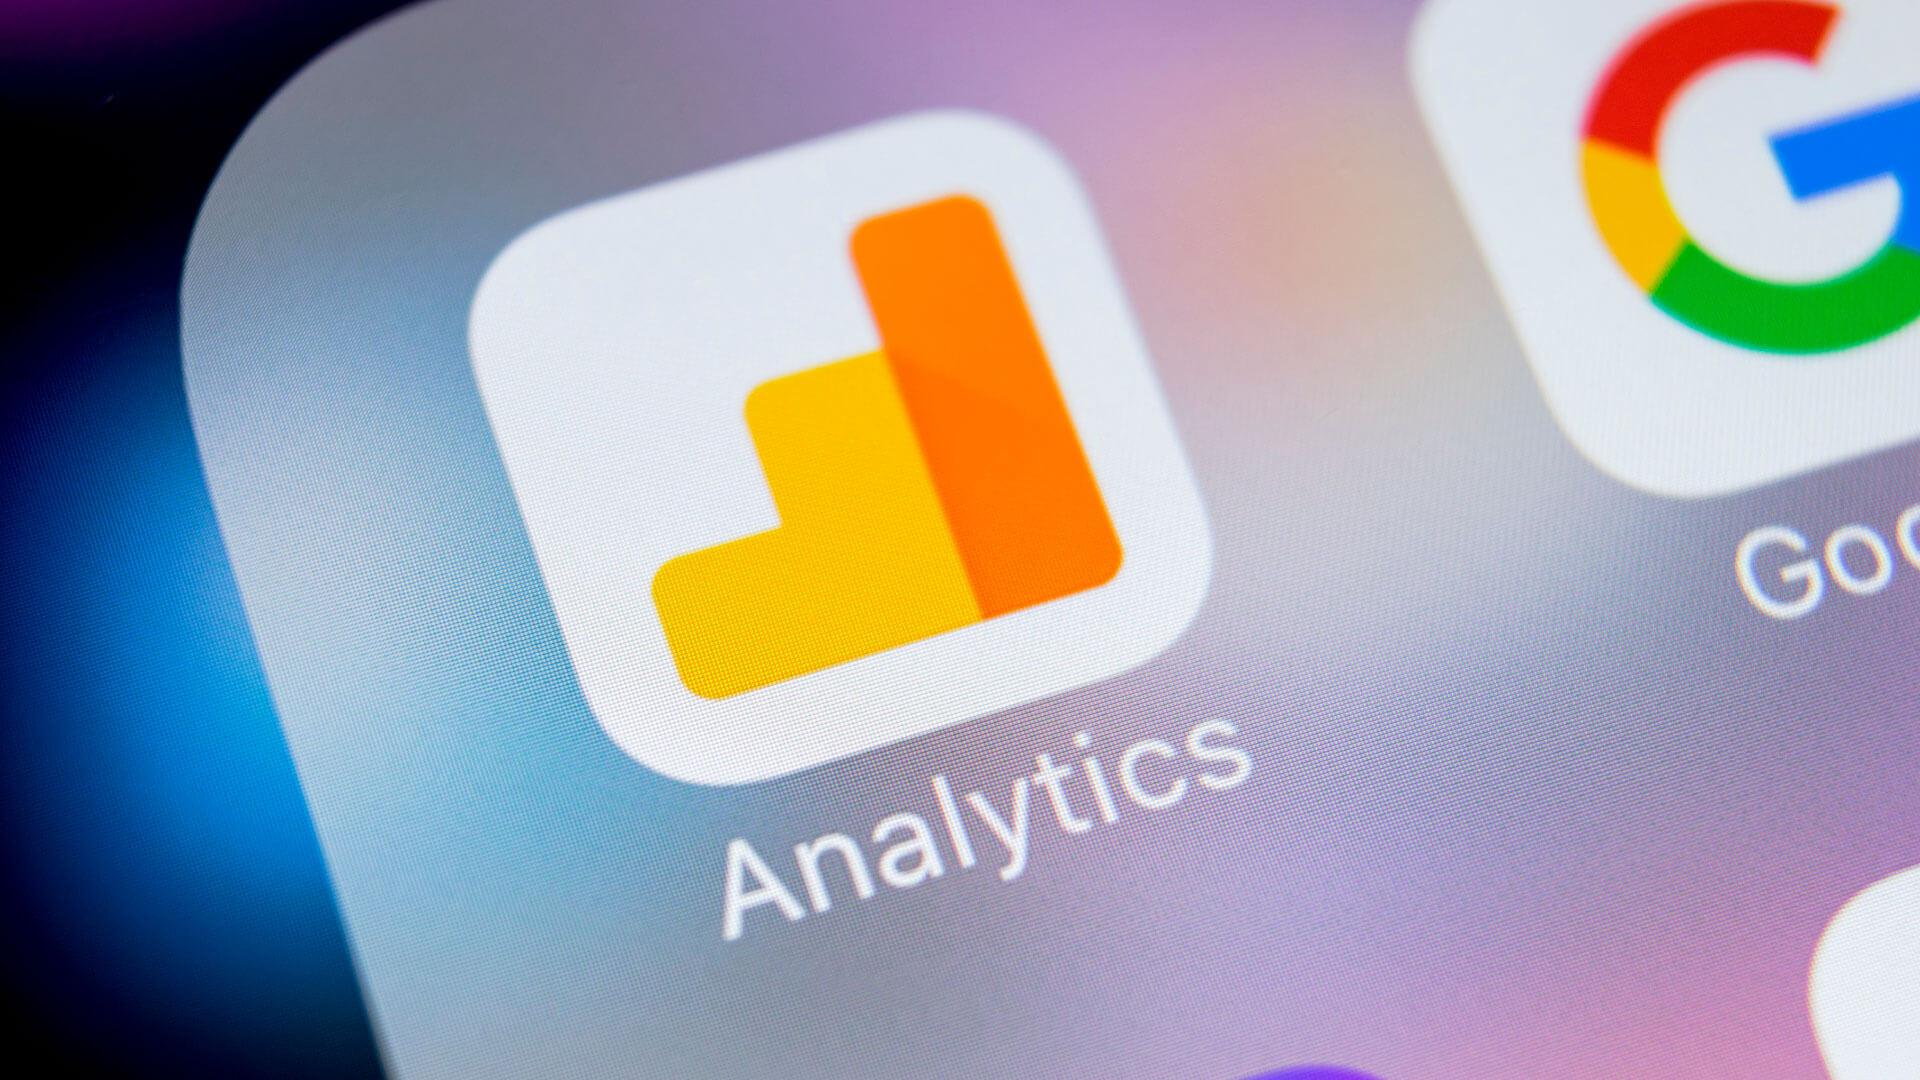 11 formas para mejorar tu negocio con Google Analytics